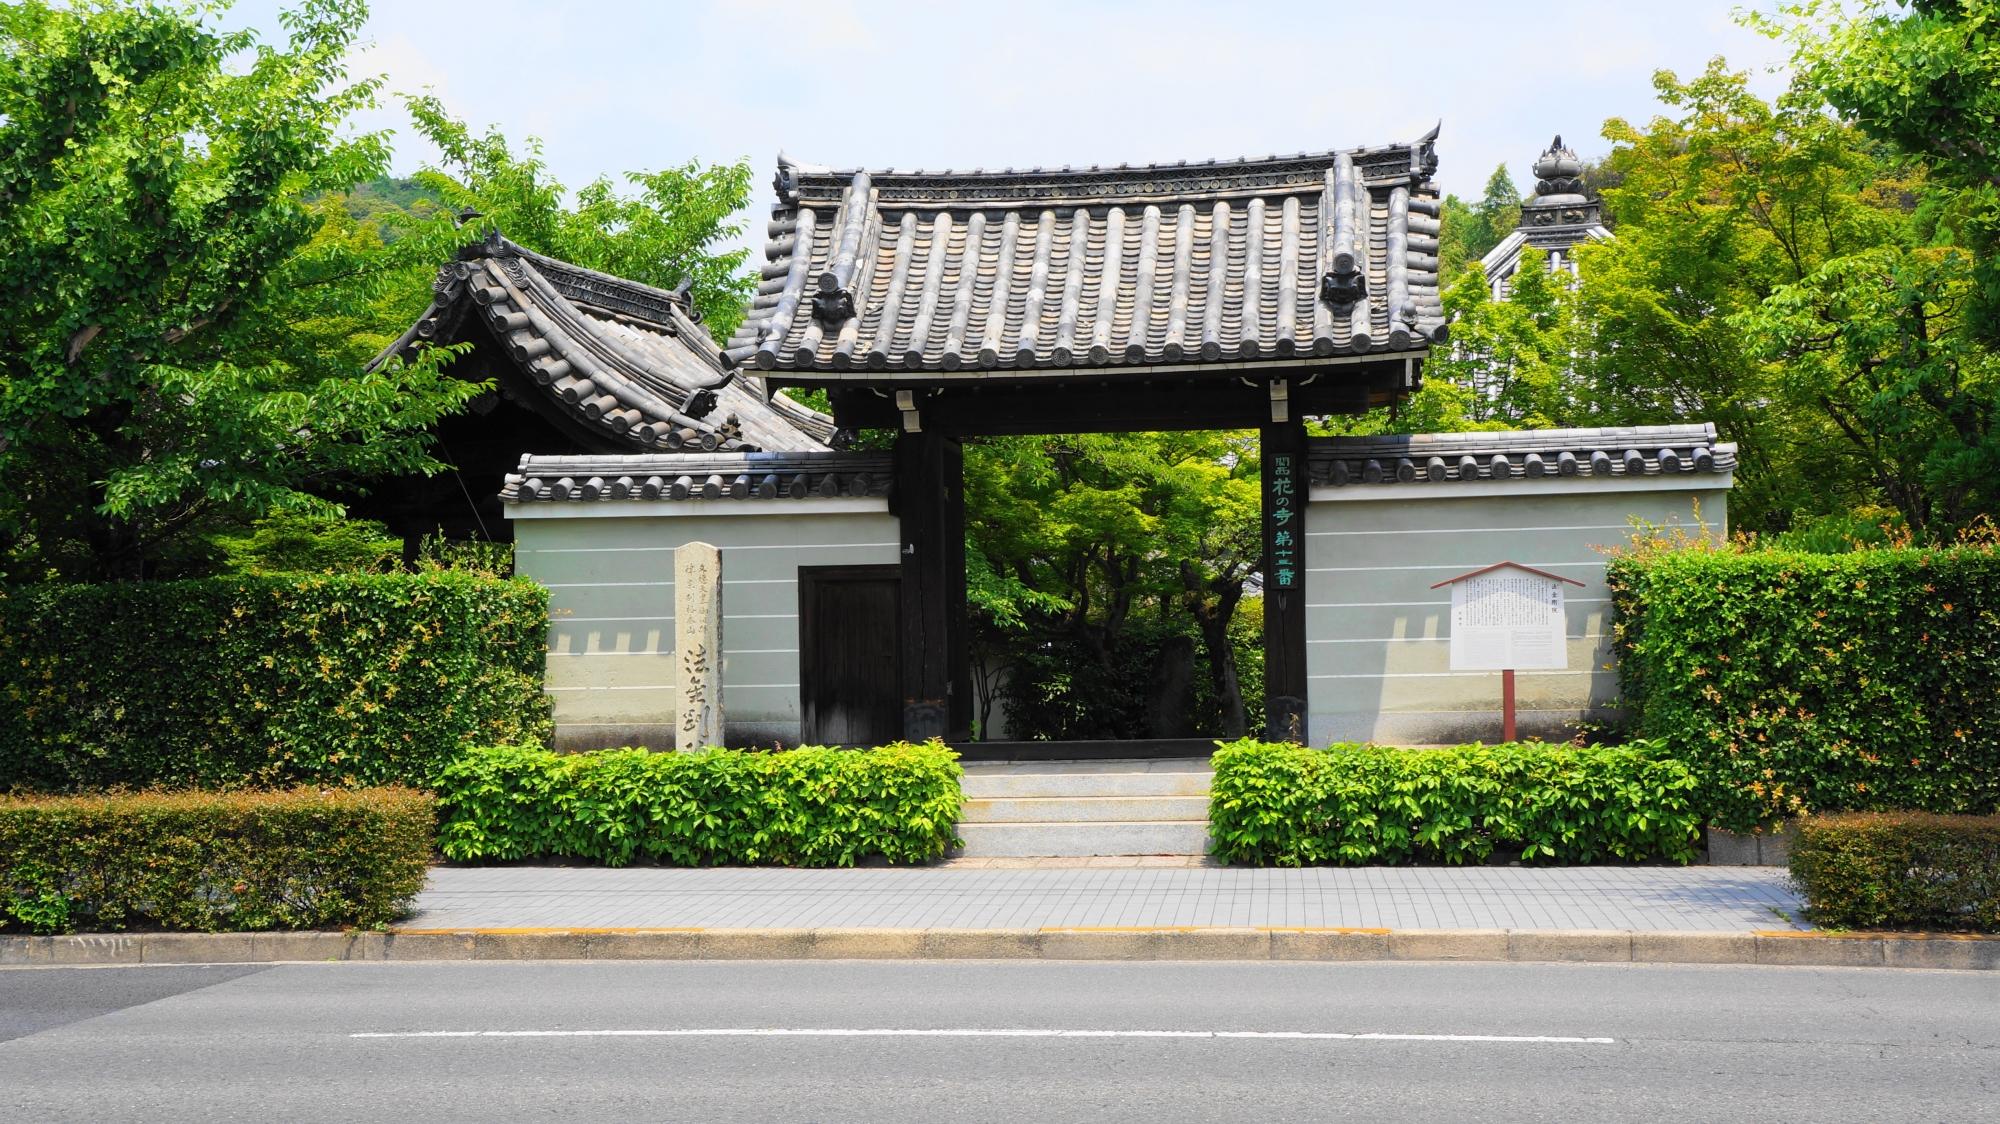 結構な街中にあり境内は緑溢れる異空間となっている法金剛院の表門